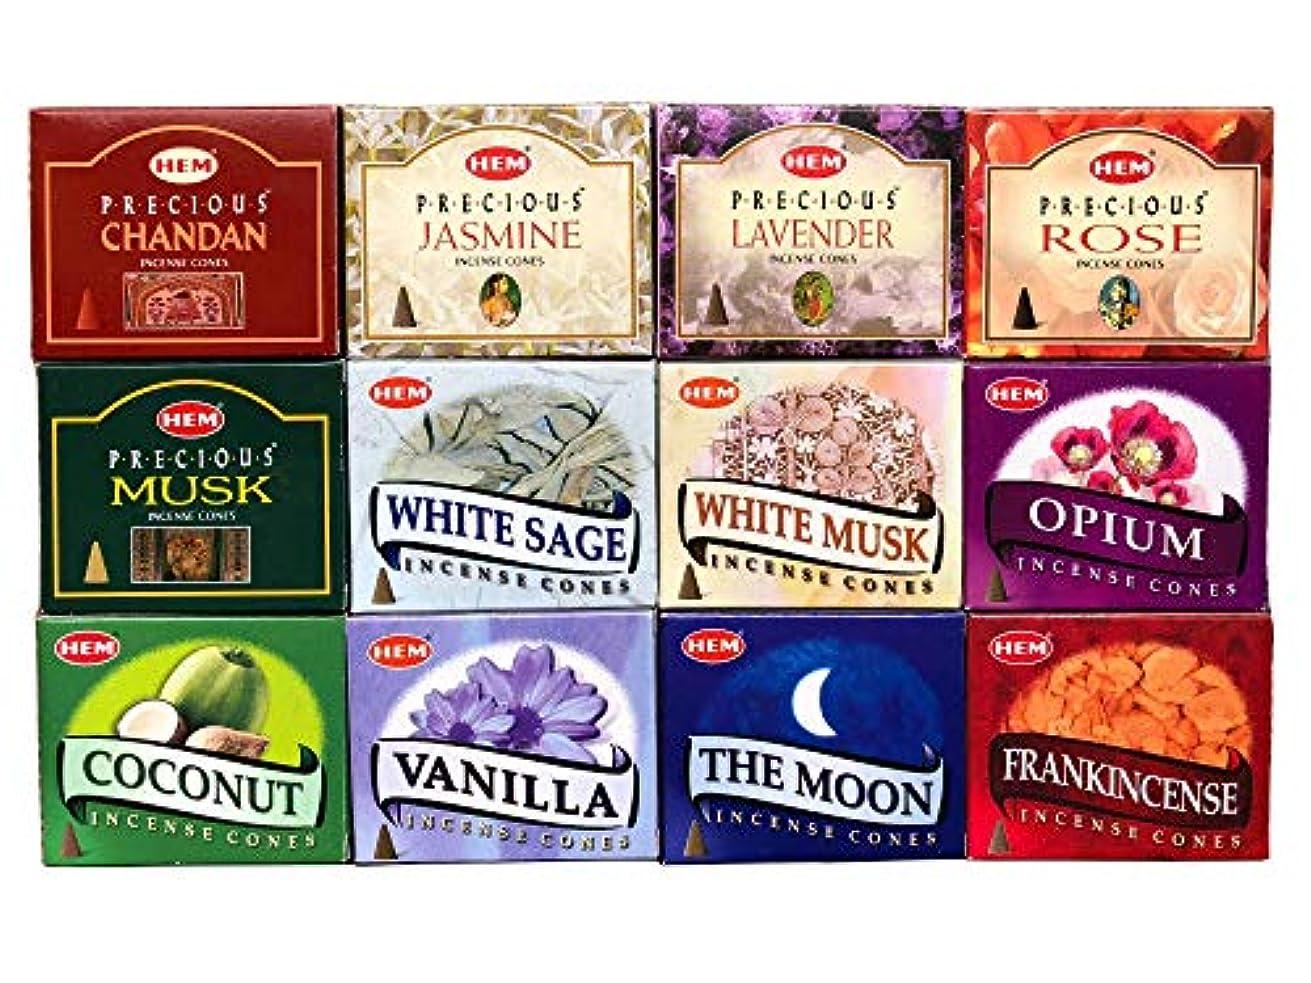 ご予約ベアリング恐ろしいお香 コーン 12種類12箱セット アソートパック インド HEM社 アロマ